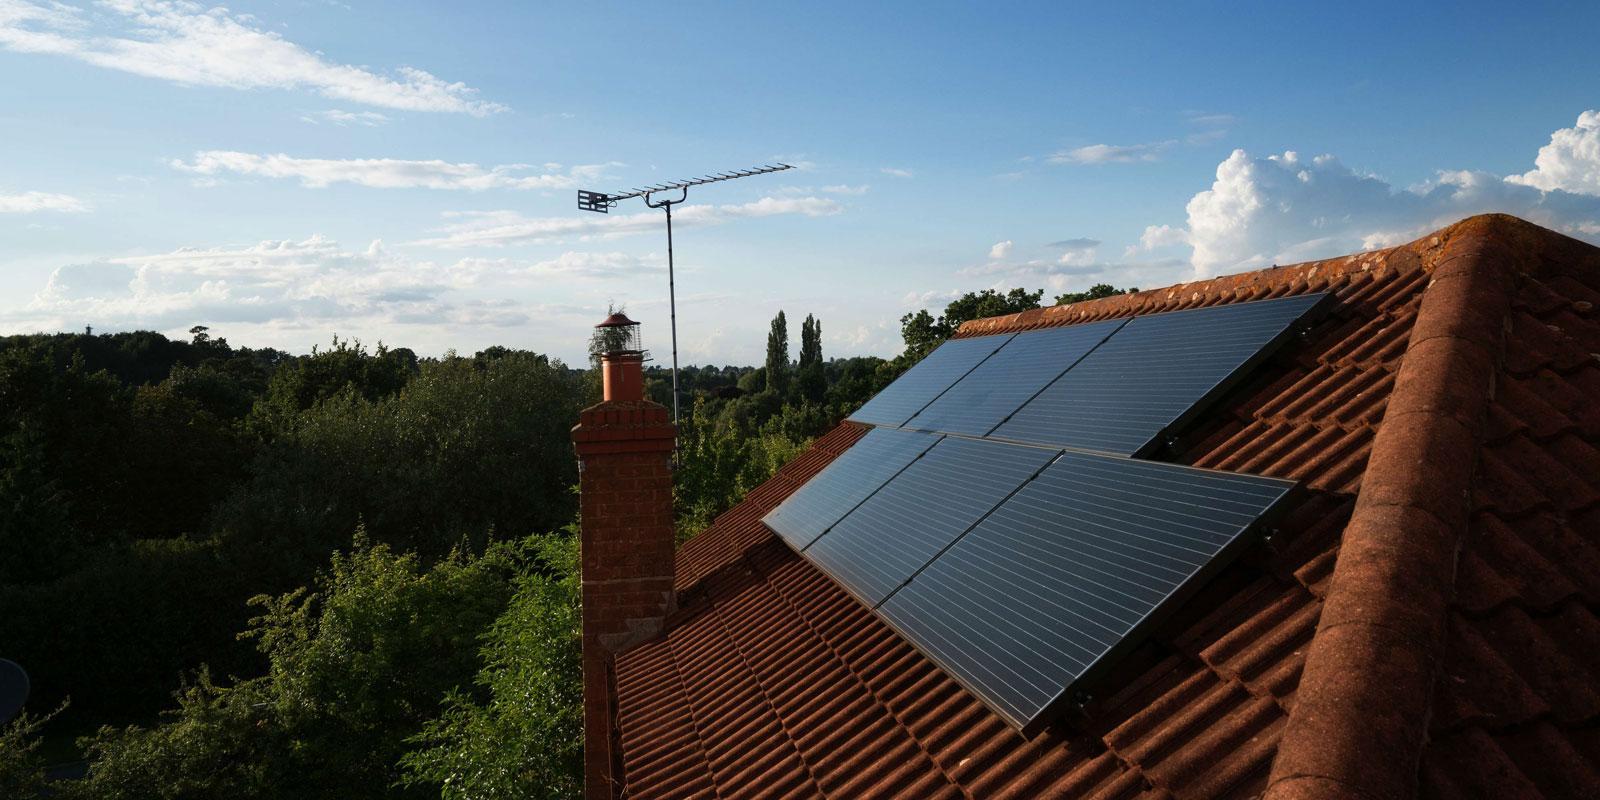 Vendere Energia Elettrica Da Fotovoltaico pannelli solari fotovoltaici: energia pulita, sempre più